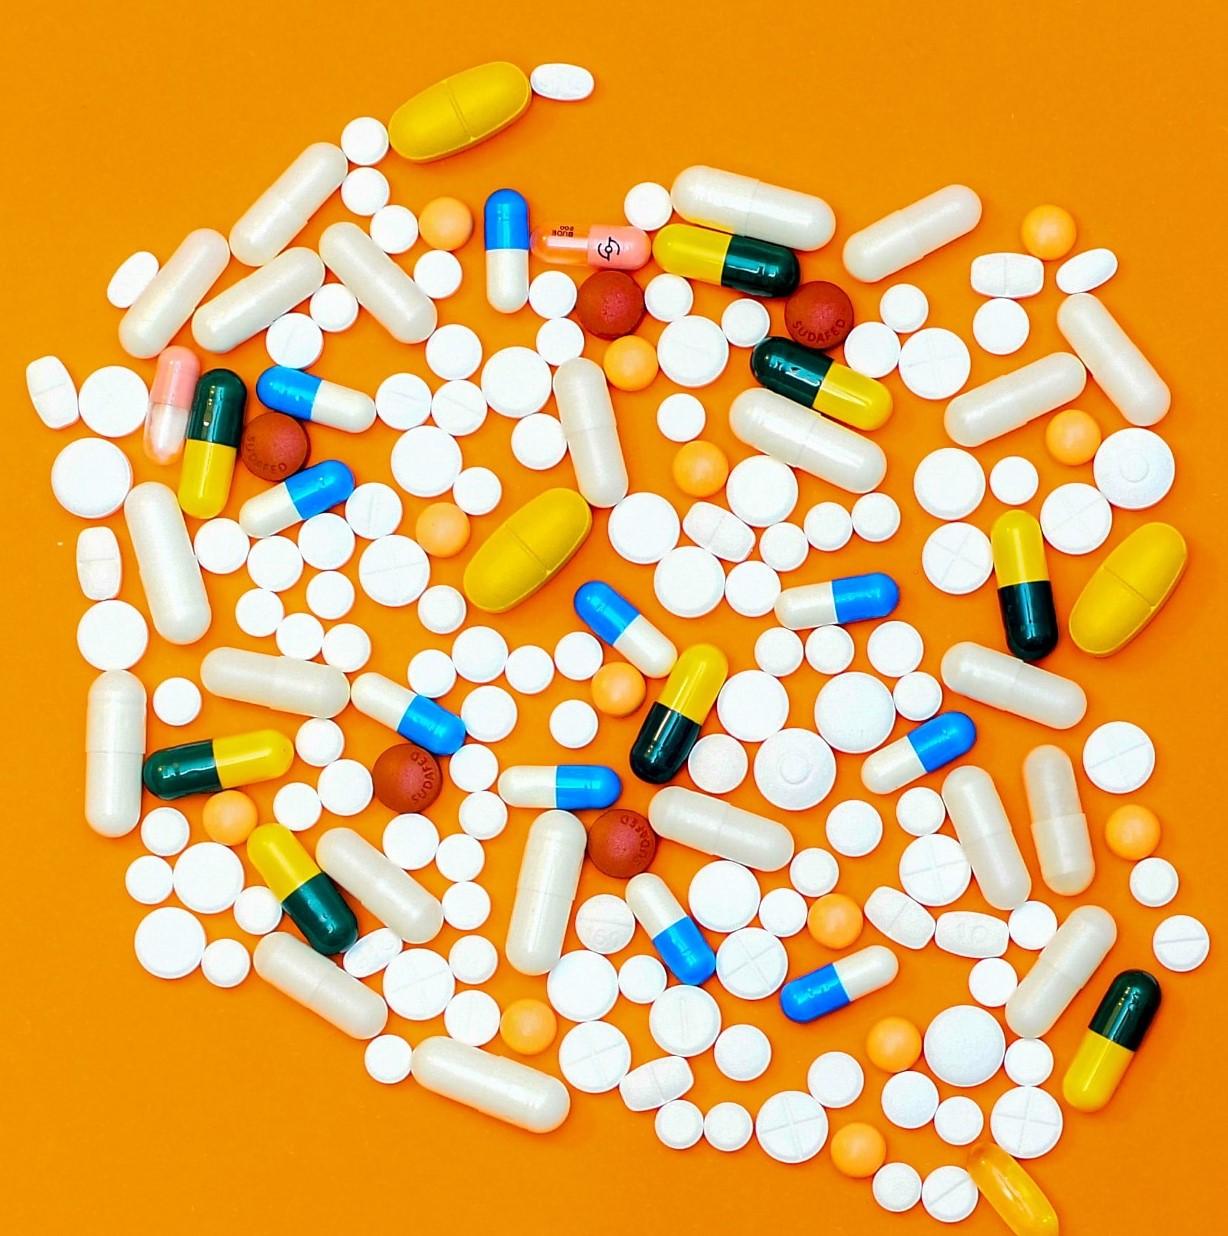 cananewgenerationofnutraceuticalssupportreproductivehealth